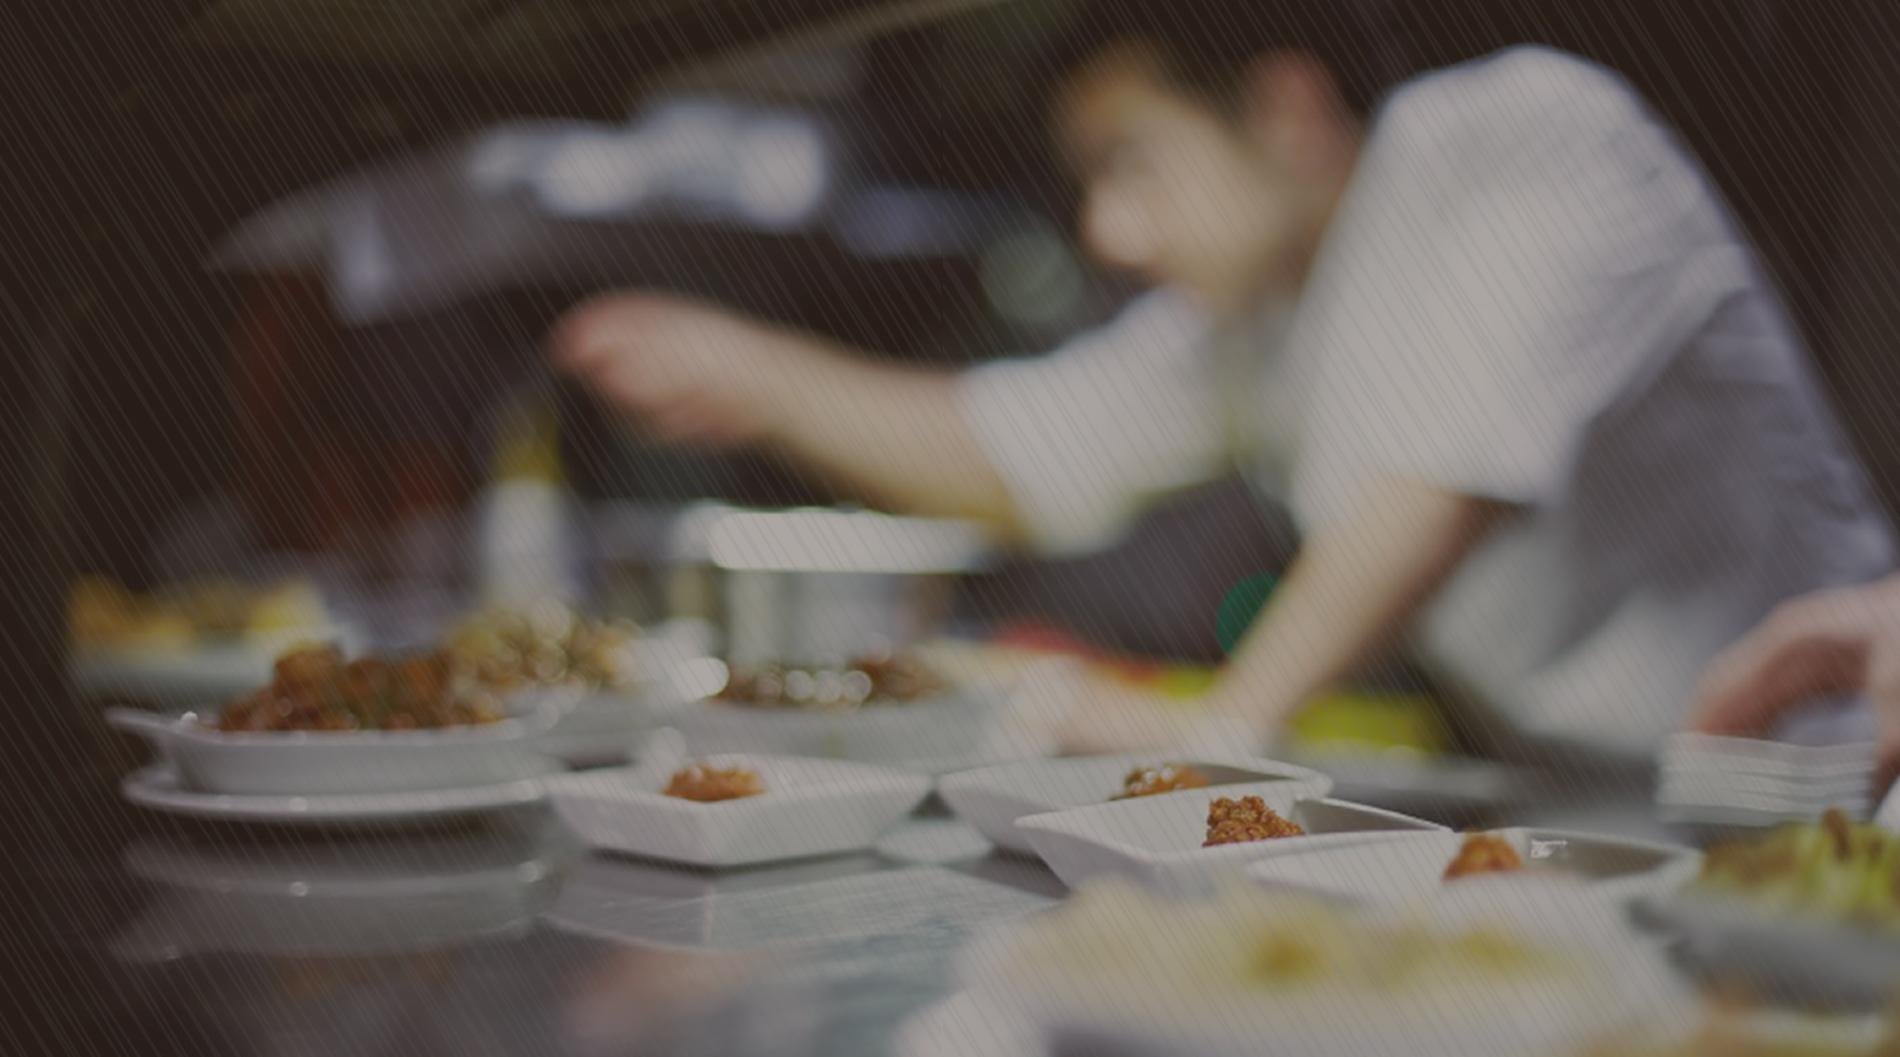 Chef per caso la prima scuola di cucina a genova - Corsi di cucina genova ...